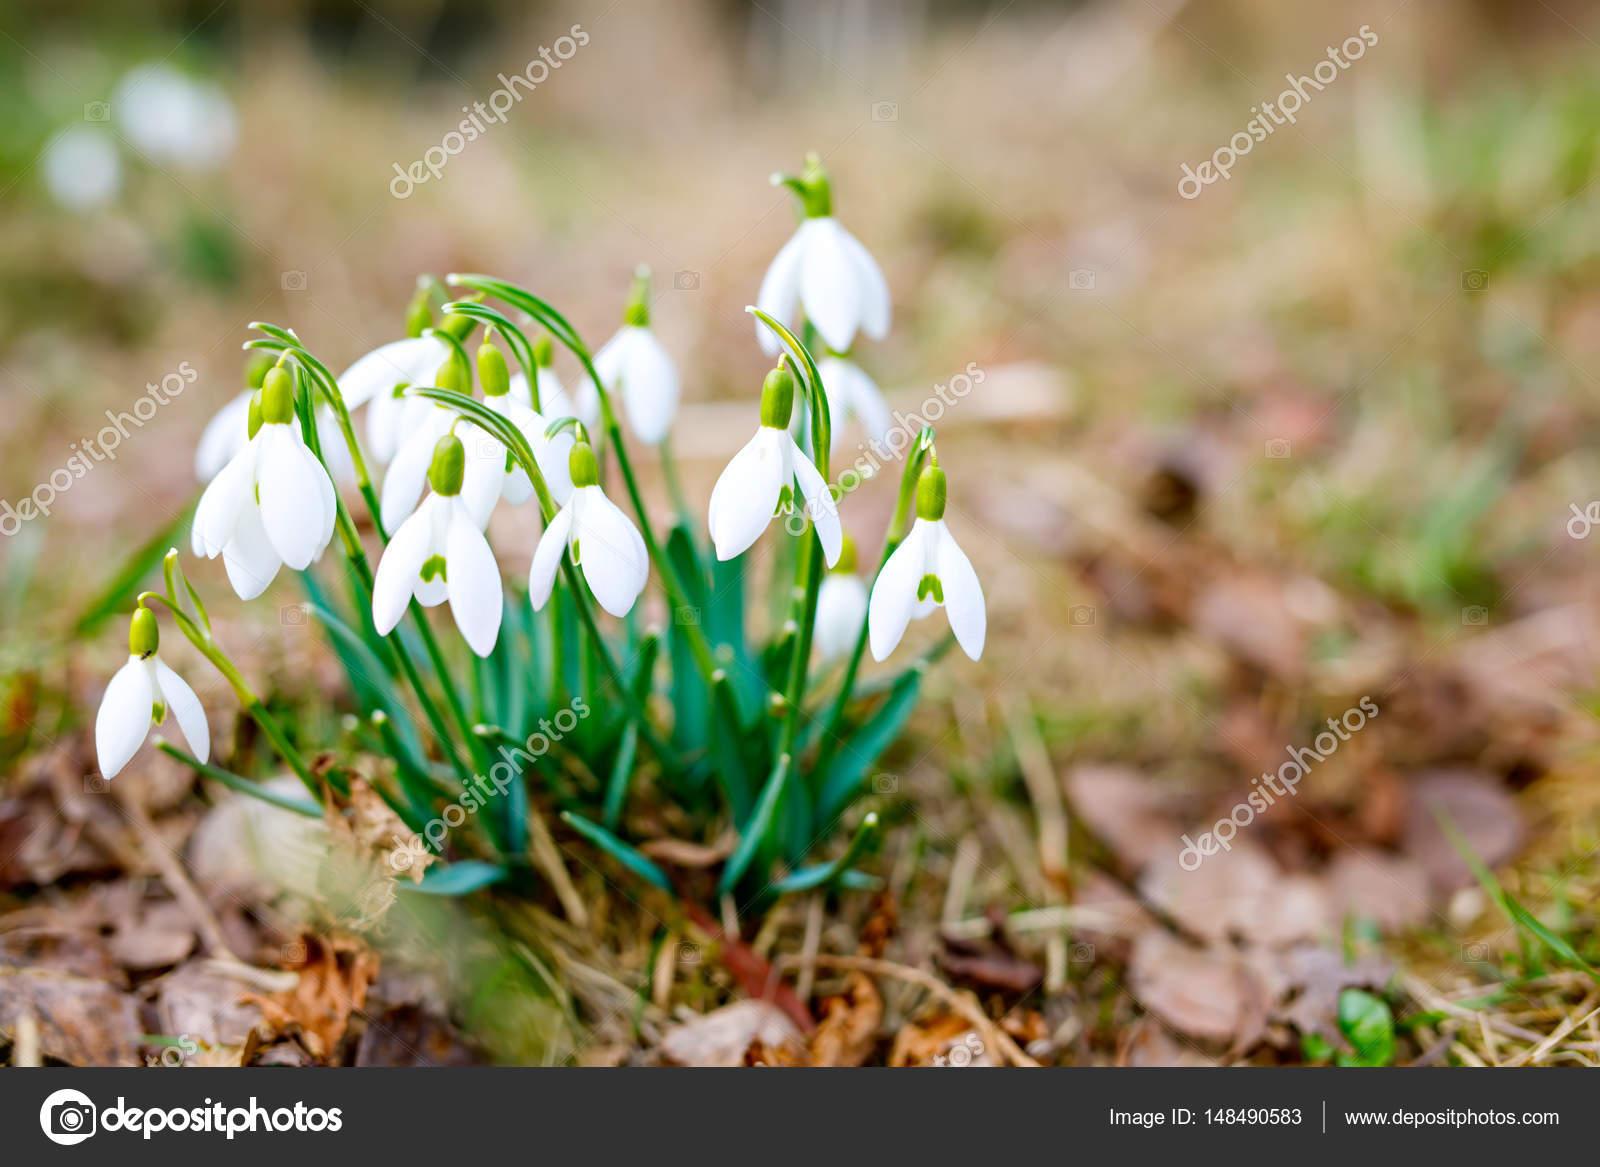 schneeglöckchen als erste frühlingsblumen. pflanzen blühen auf